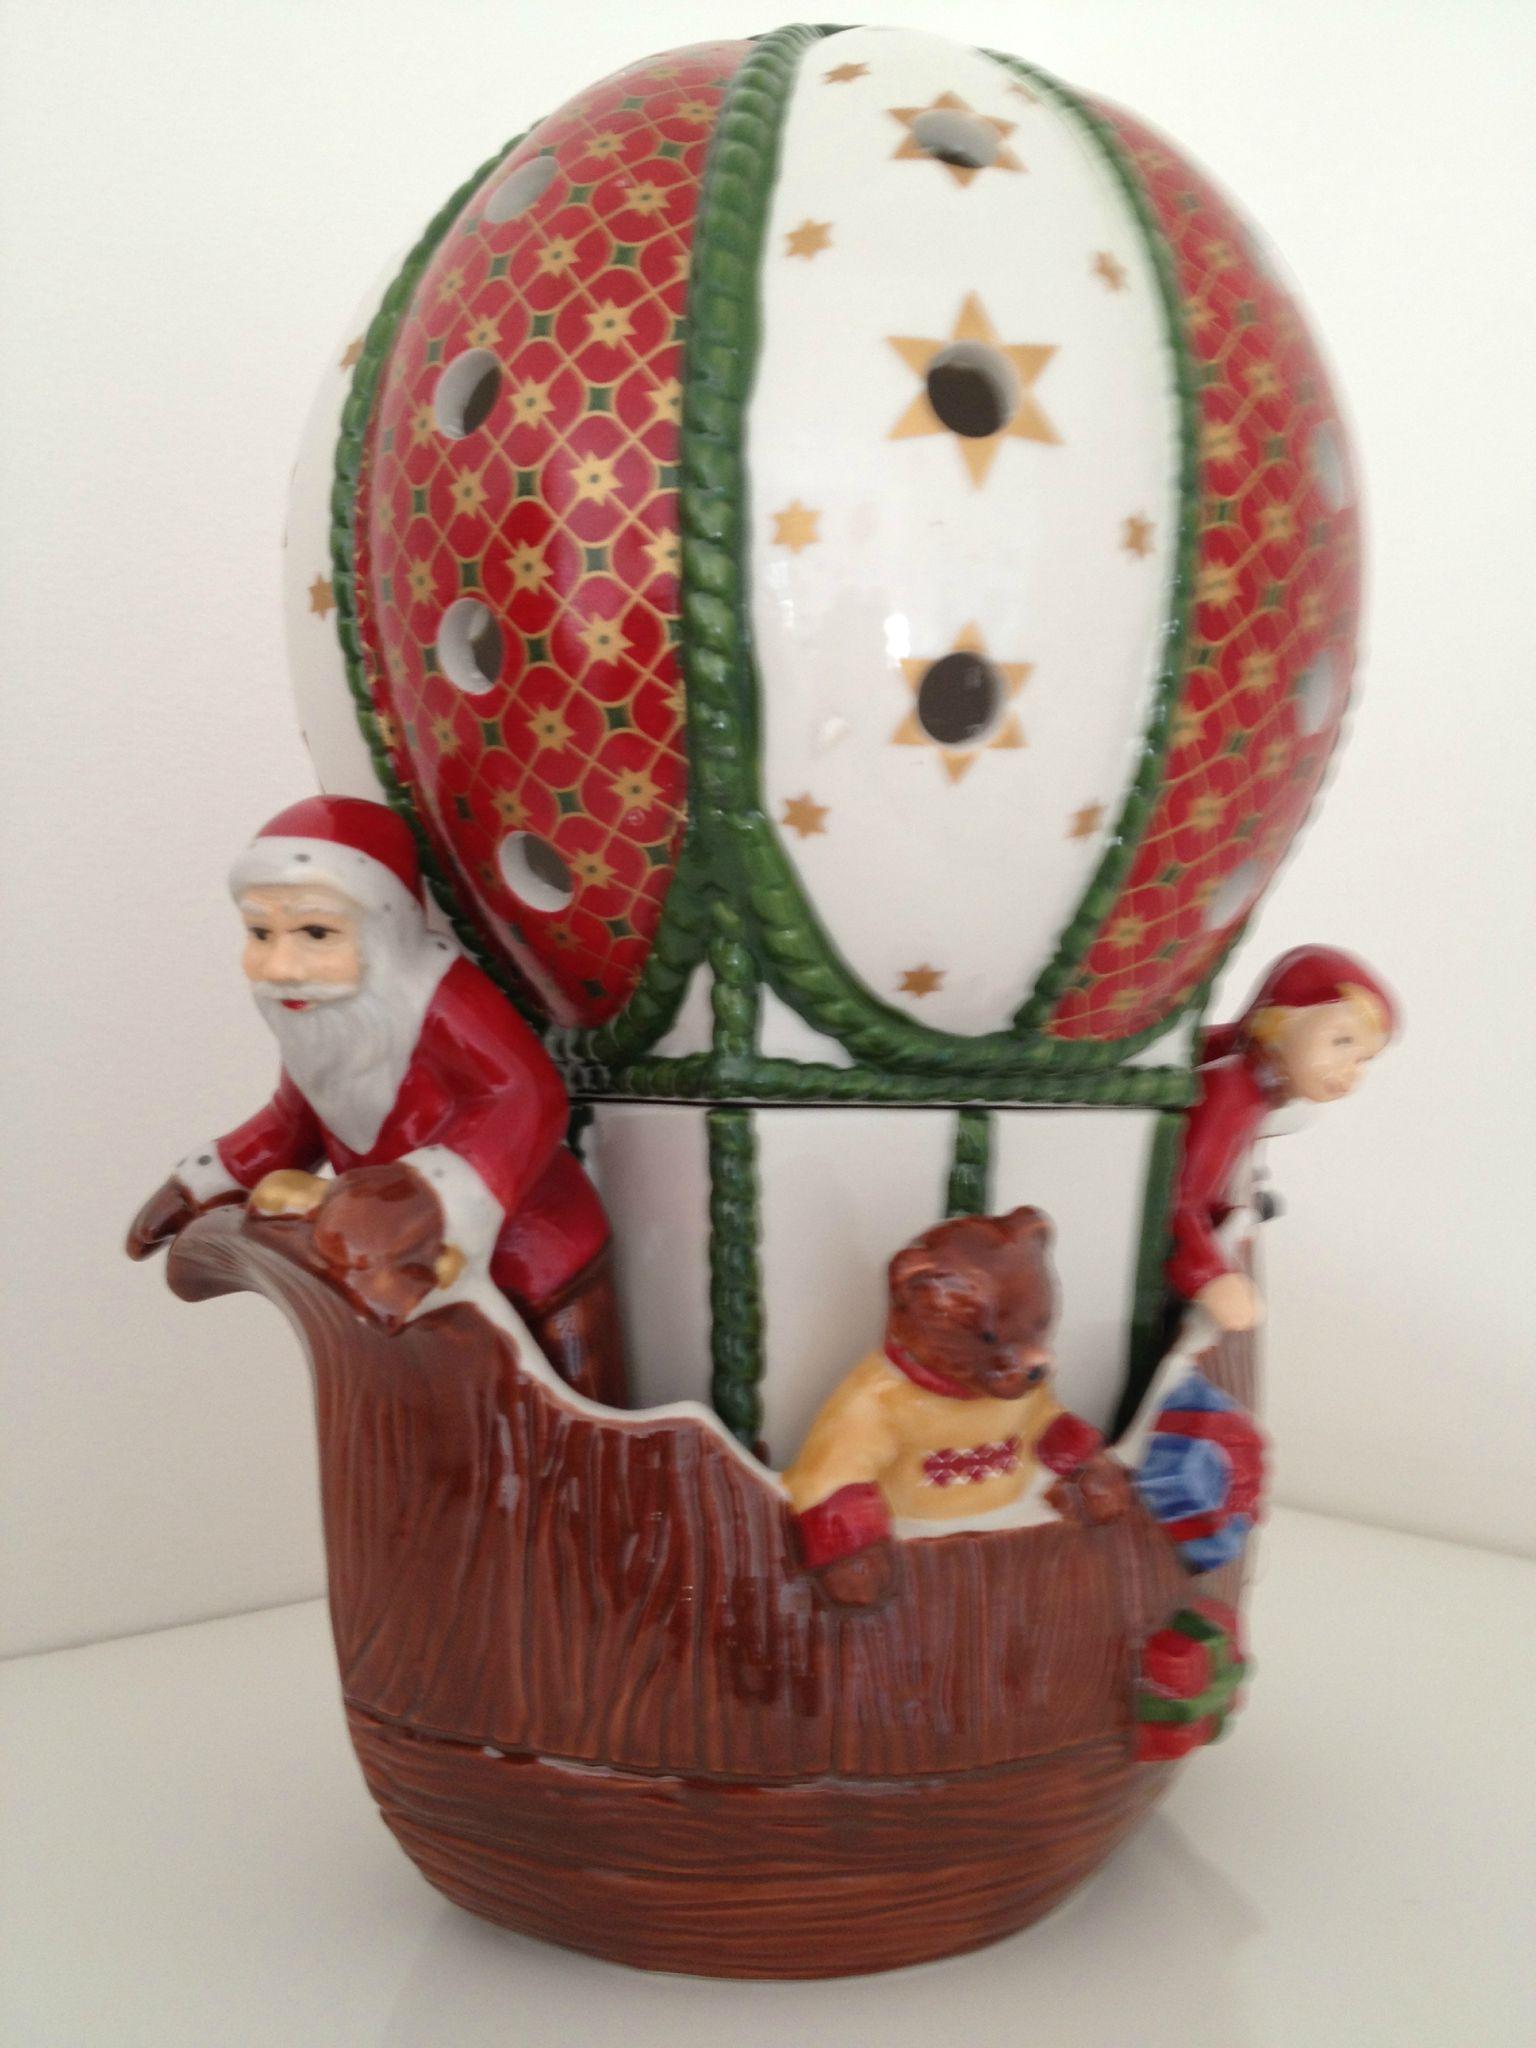 Père Noël Villeroy & Boch - Ma Collection de Crèches & Santons